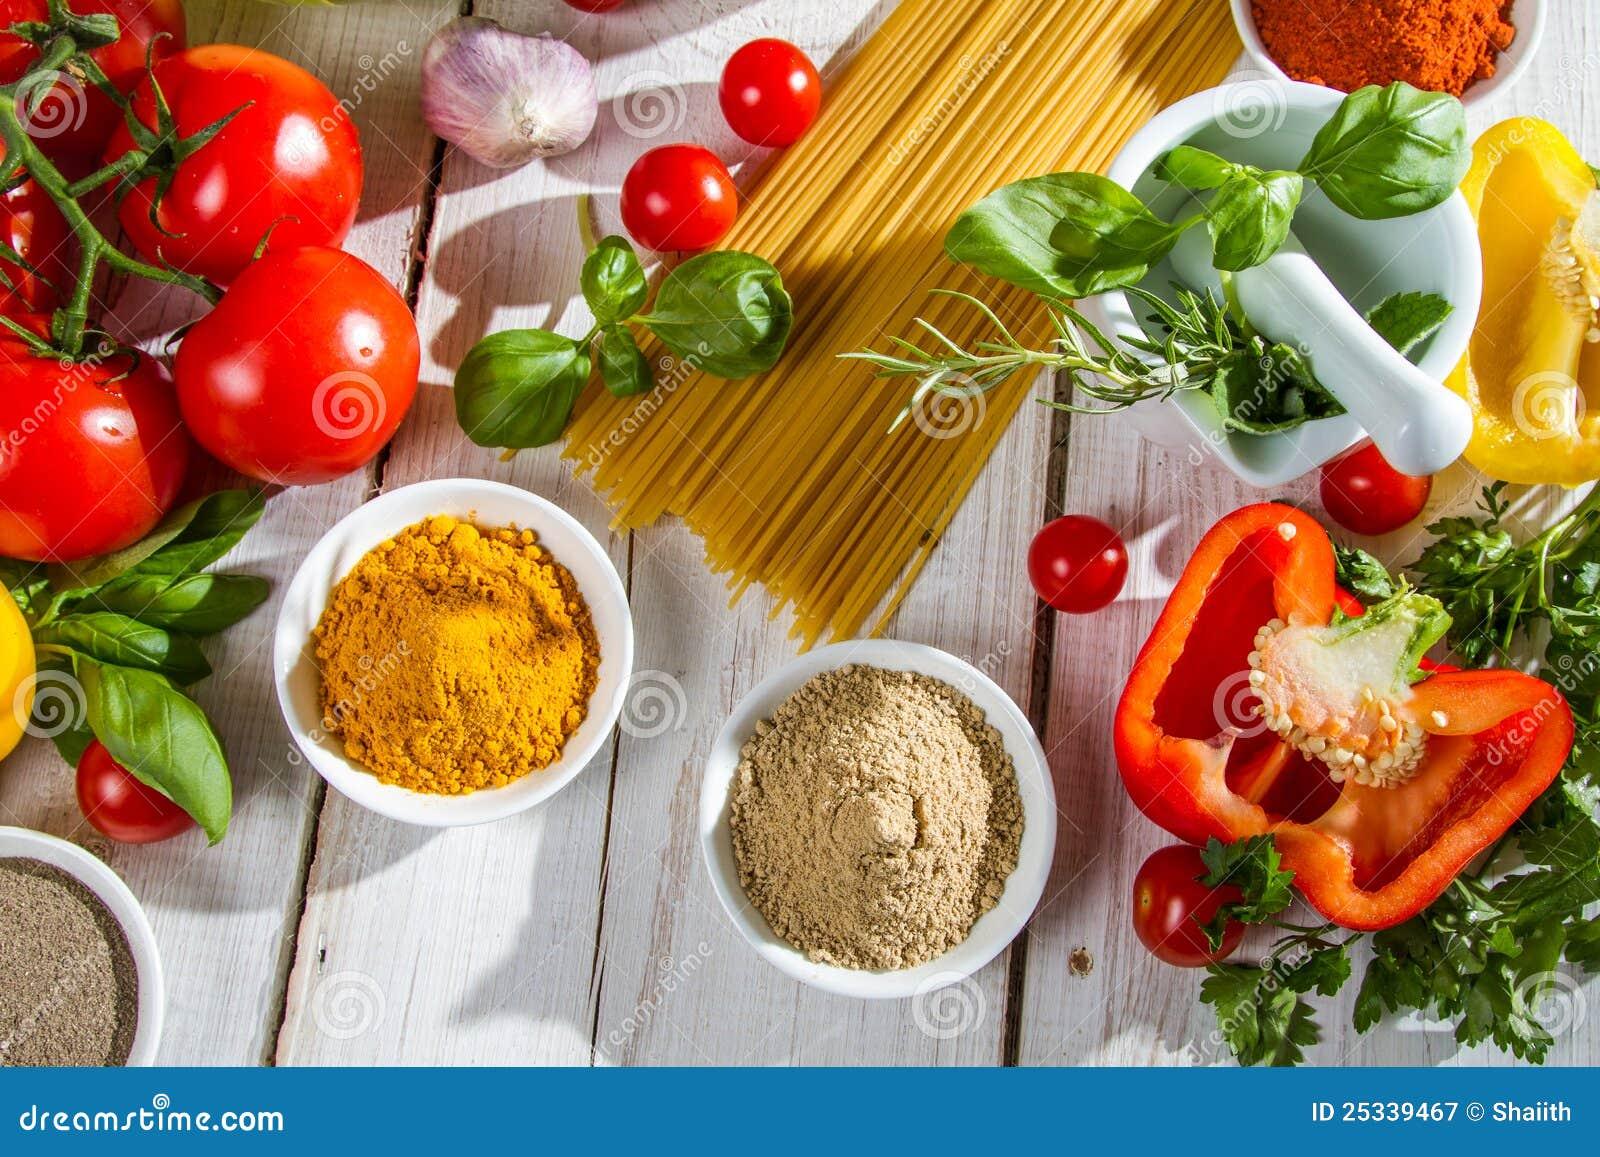 Voorbereiding voor het koken van spaghetti royalty vrije stock fotografie afbeelding 25339467 - Koken afbeelding ...